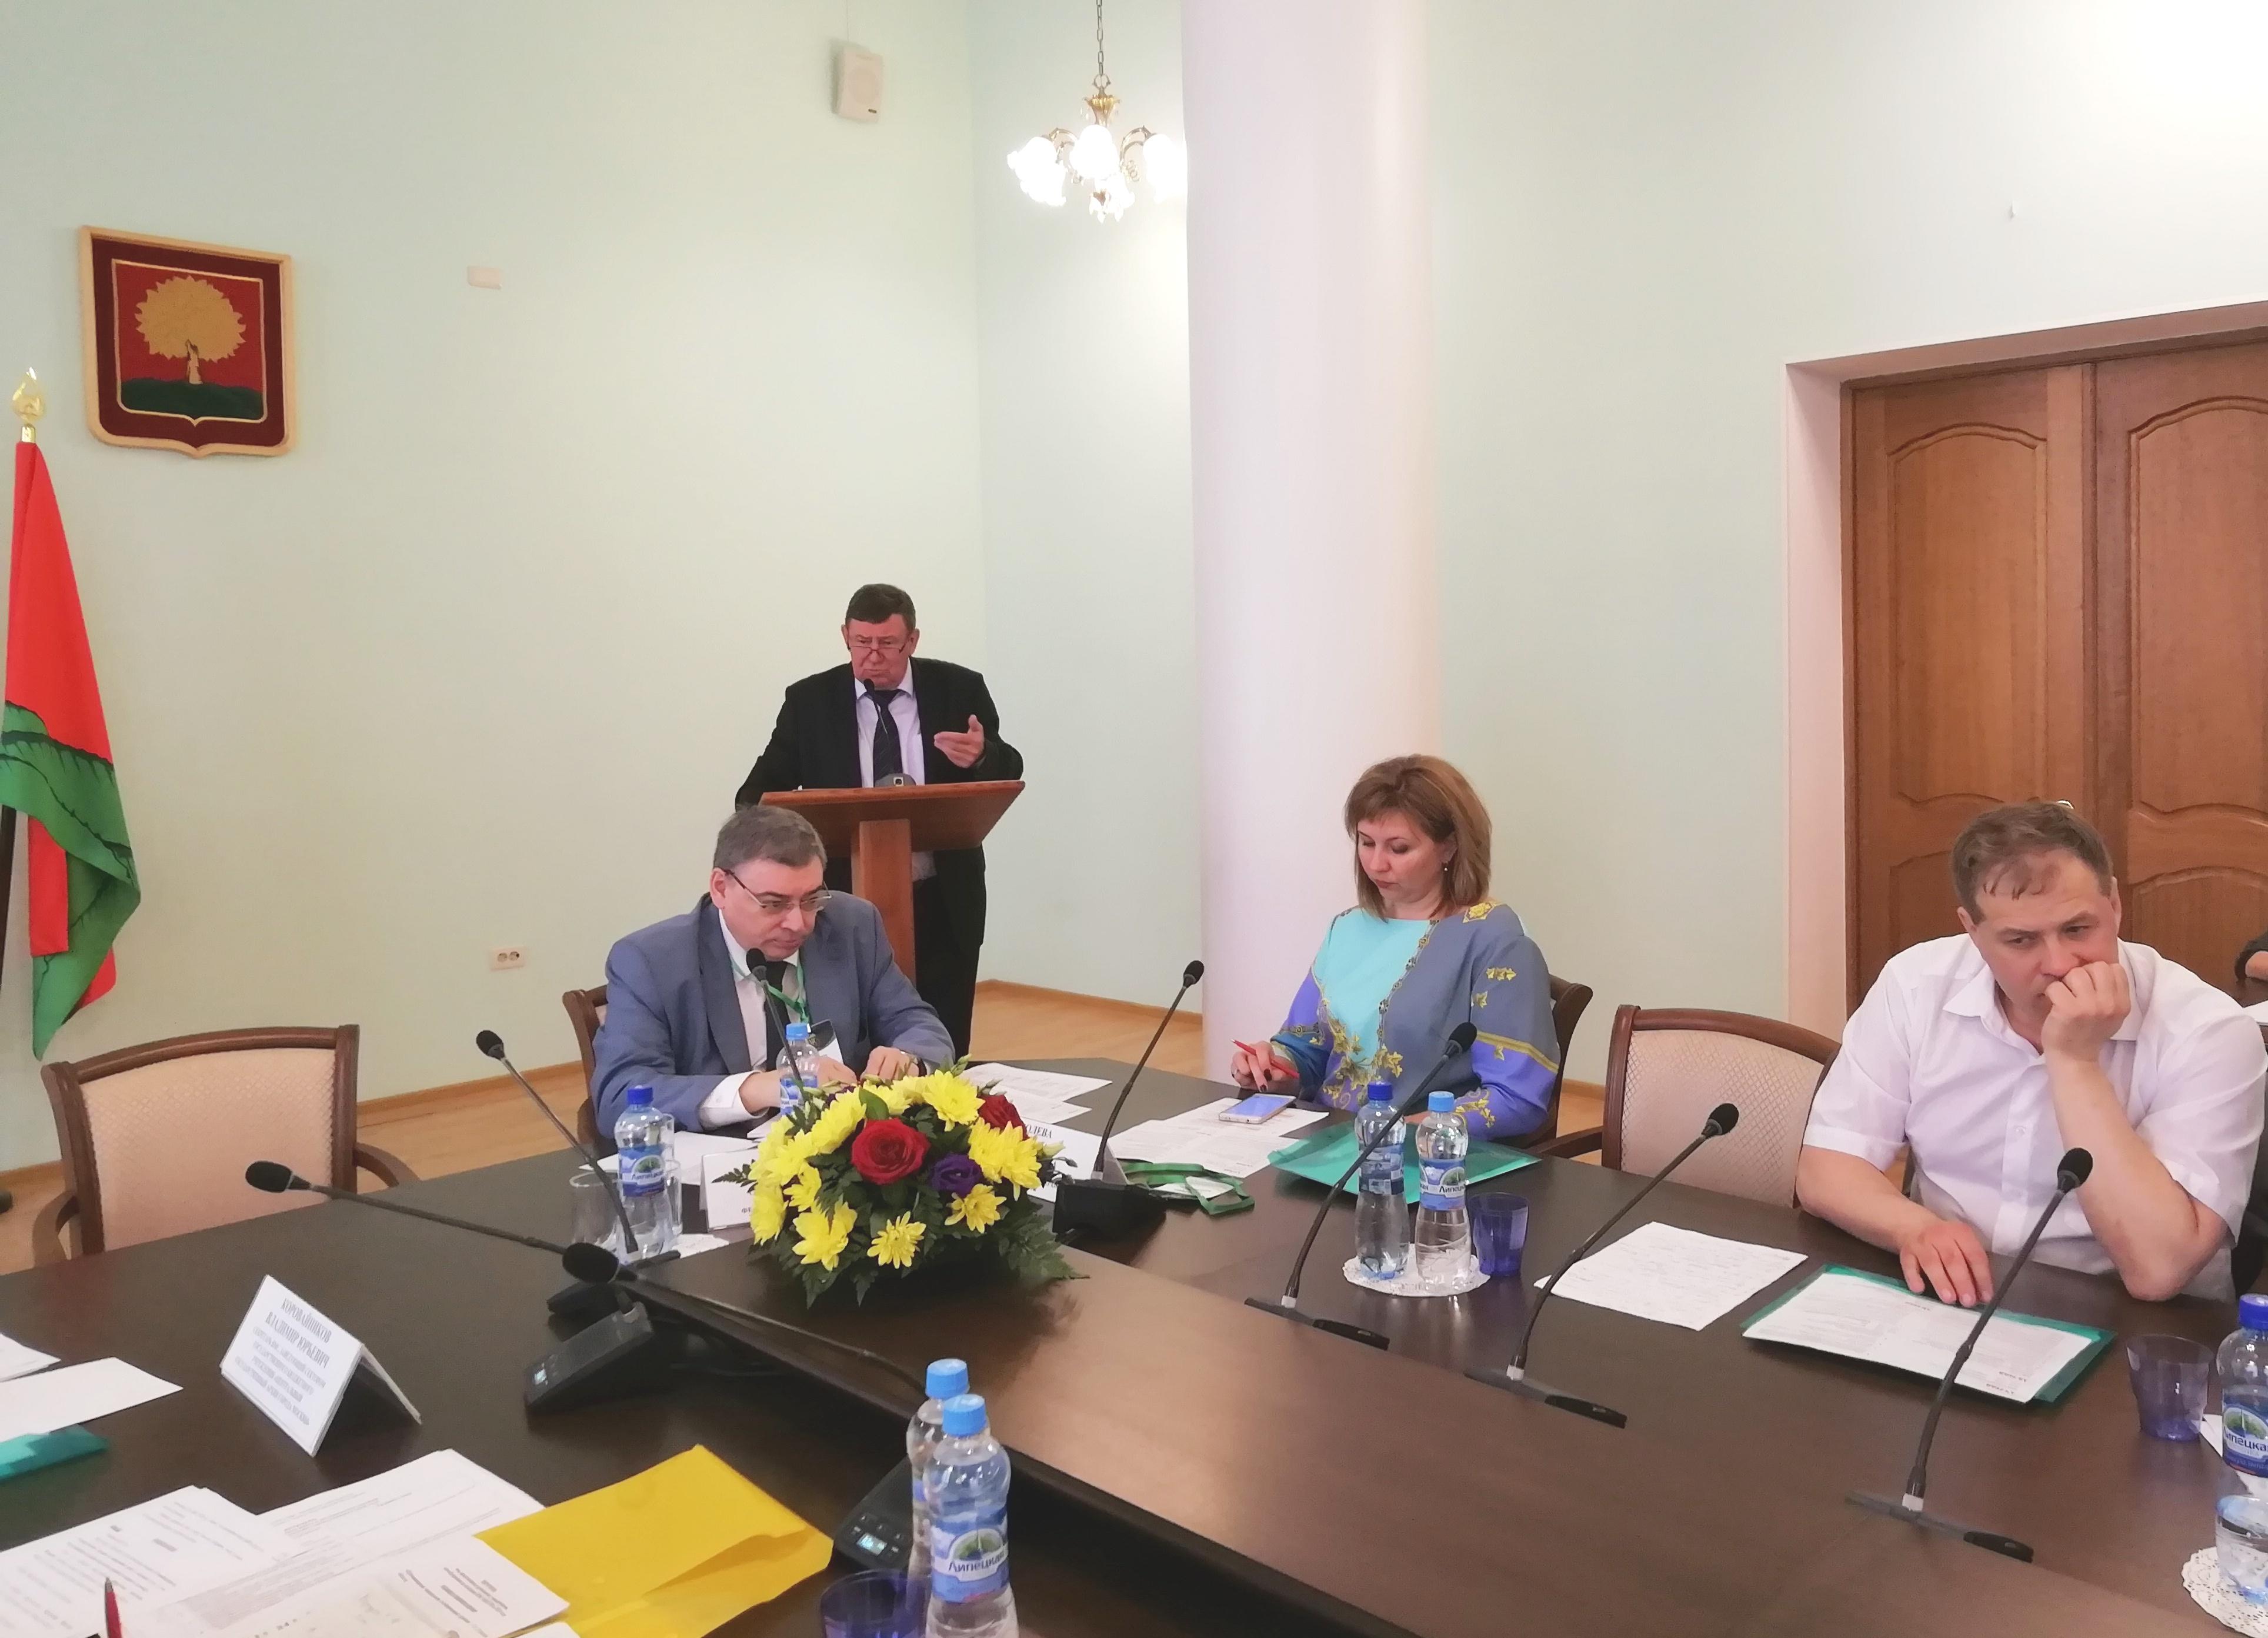 Выступление директора Н. М. Бородулина на совещании-семинаре НМС архивных учреждений ЦФО РФ 15 мая 2019 г. в г. Липецке.